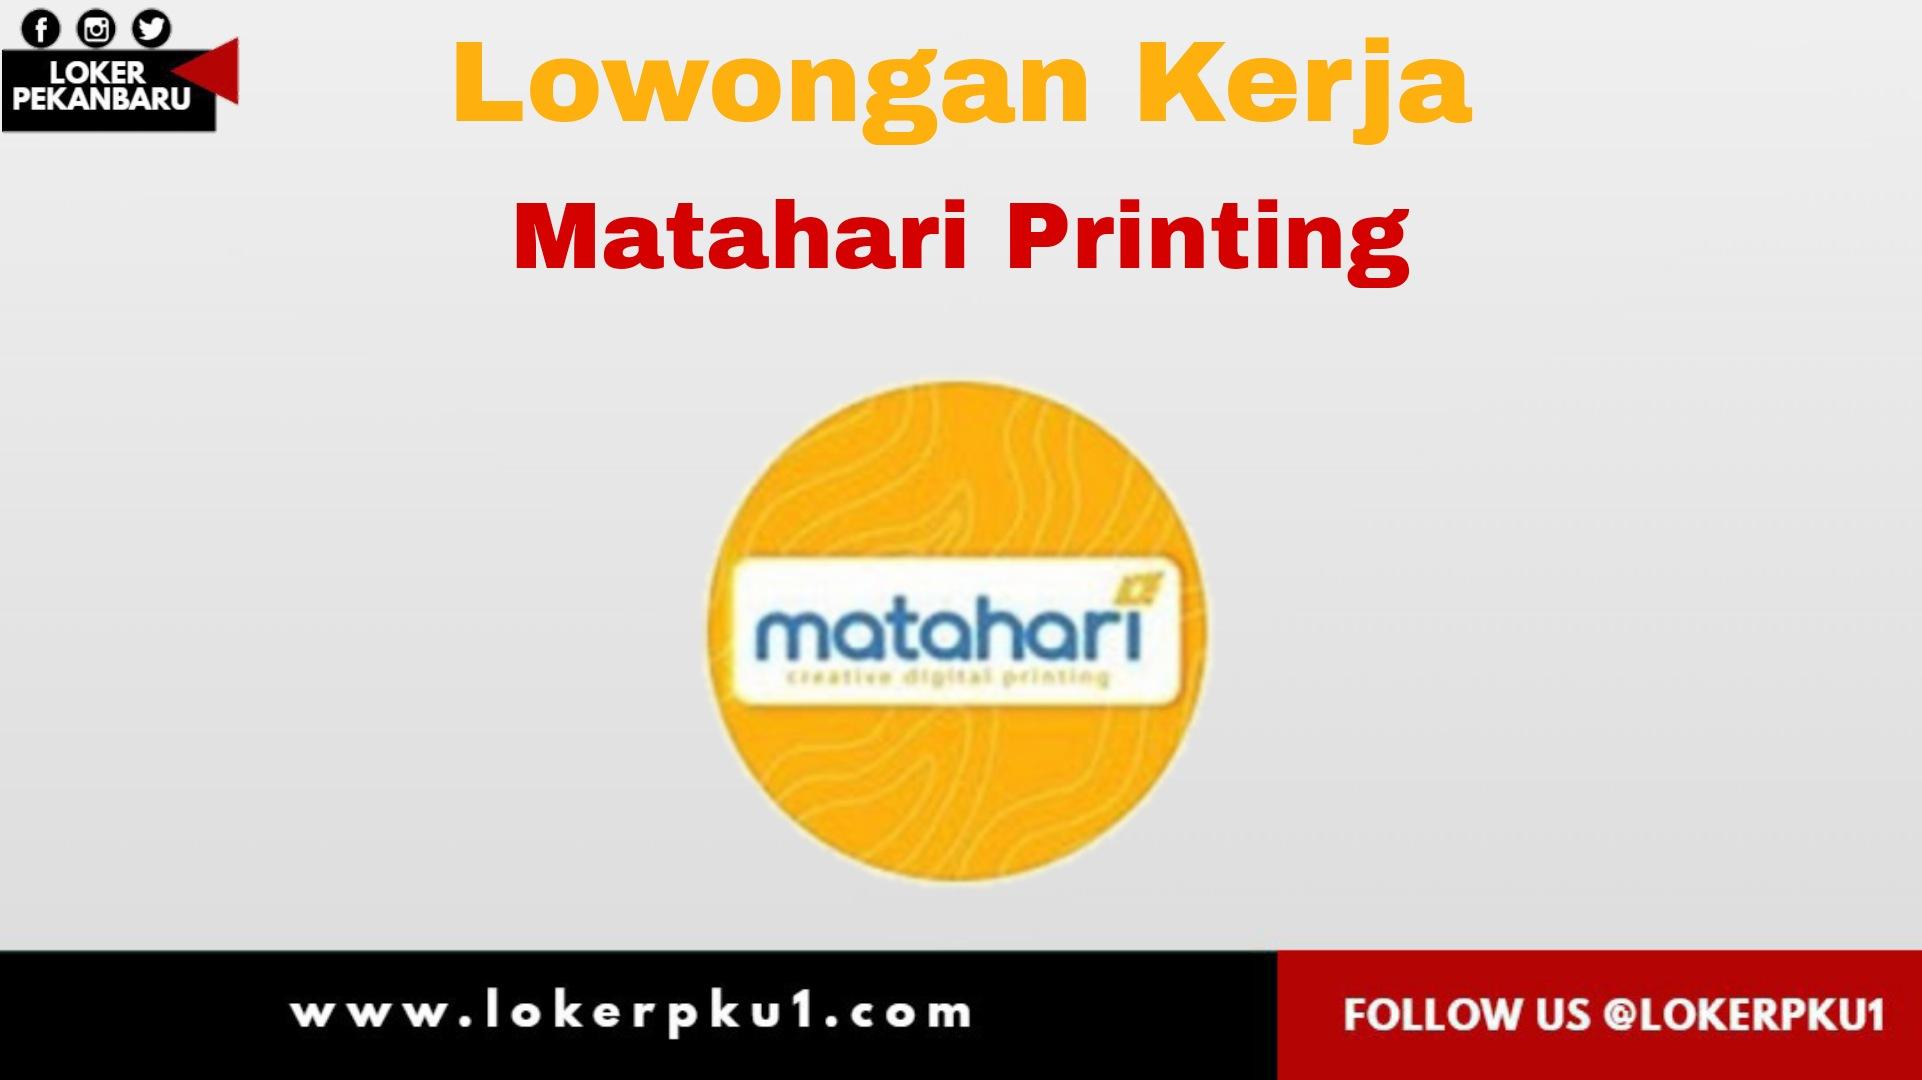 Lowongan Kerja Matahari Printing Pekanbaru April 2021